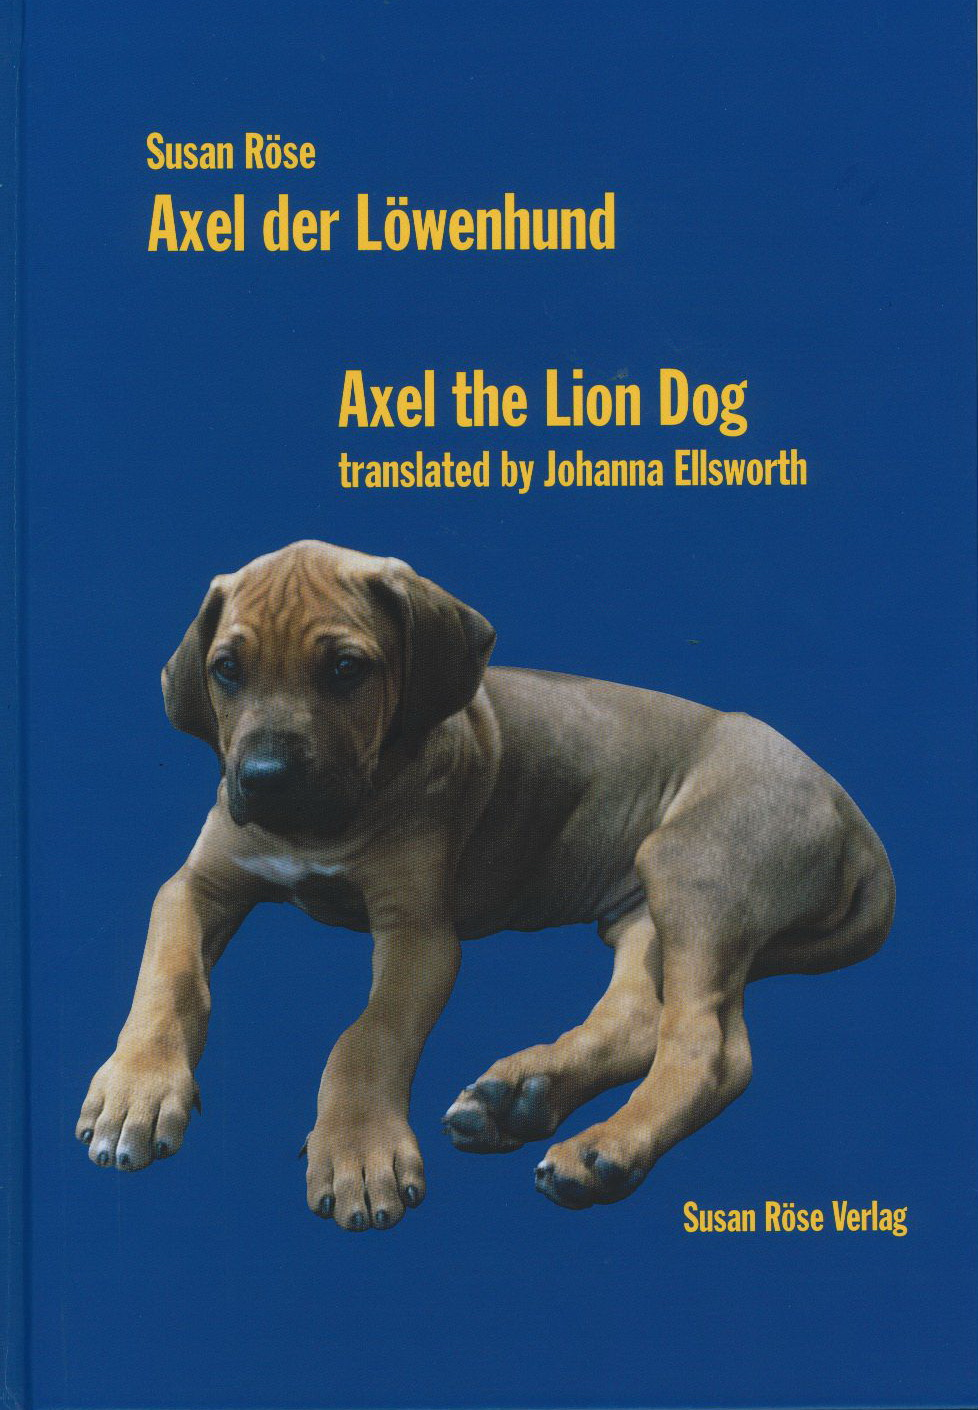 Axel der Loewenhund